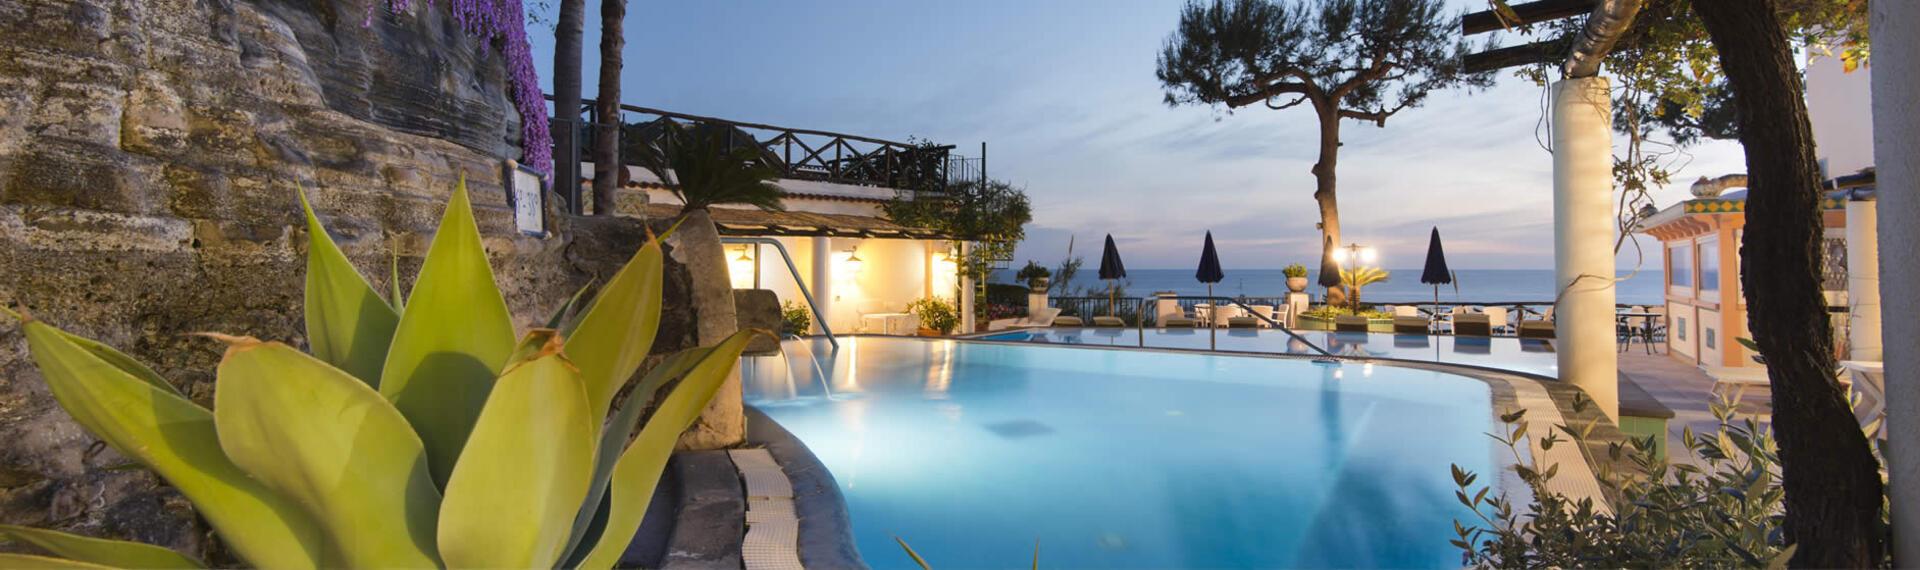 hotelvillabianca de herbstangebot-in-forio-d-ischia 009